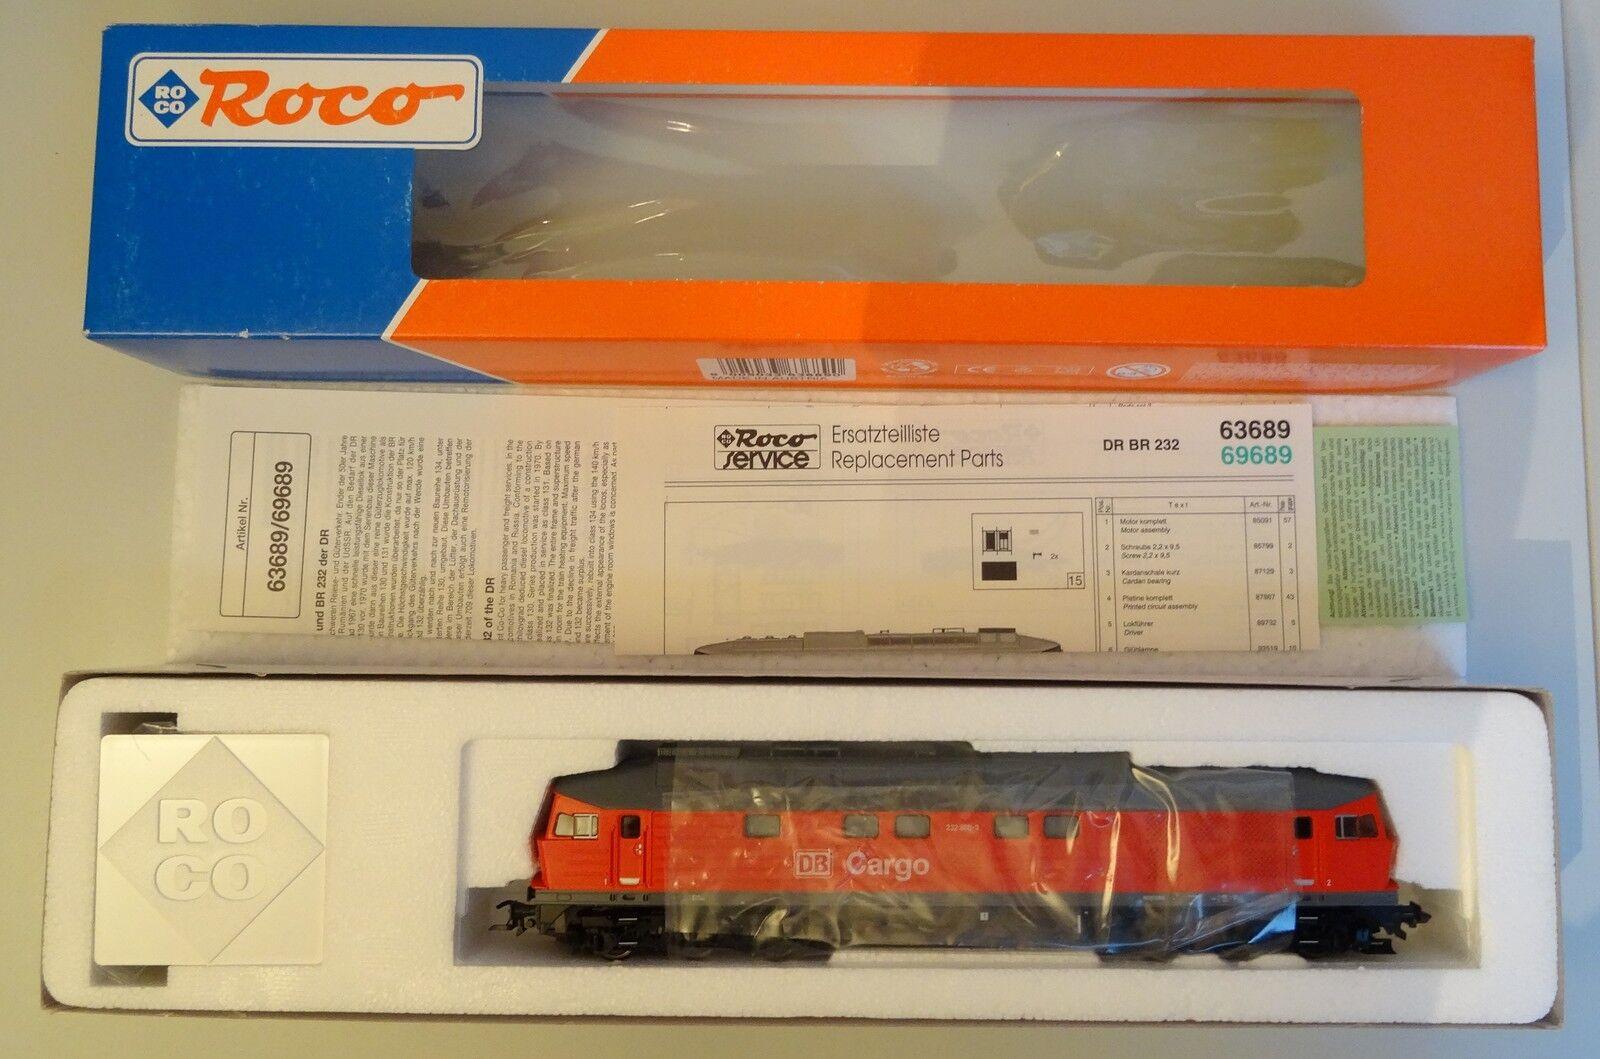 Roco h0 diesellok 63689 br 232 800-3 el cargo DB en OVP